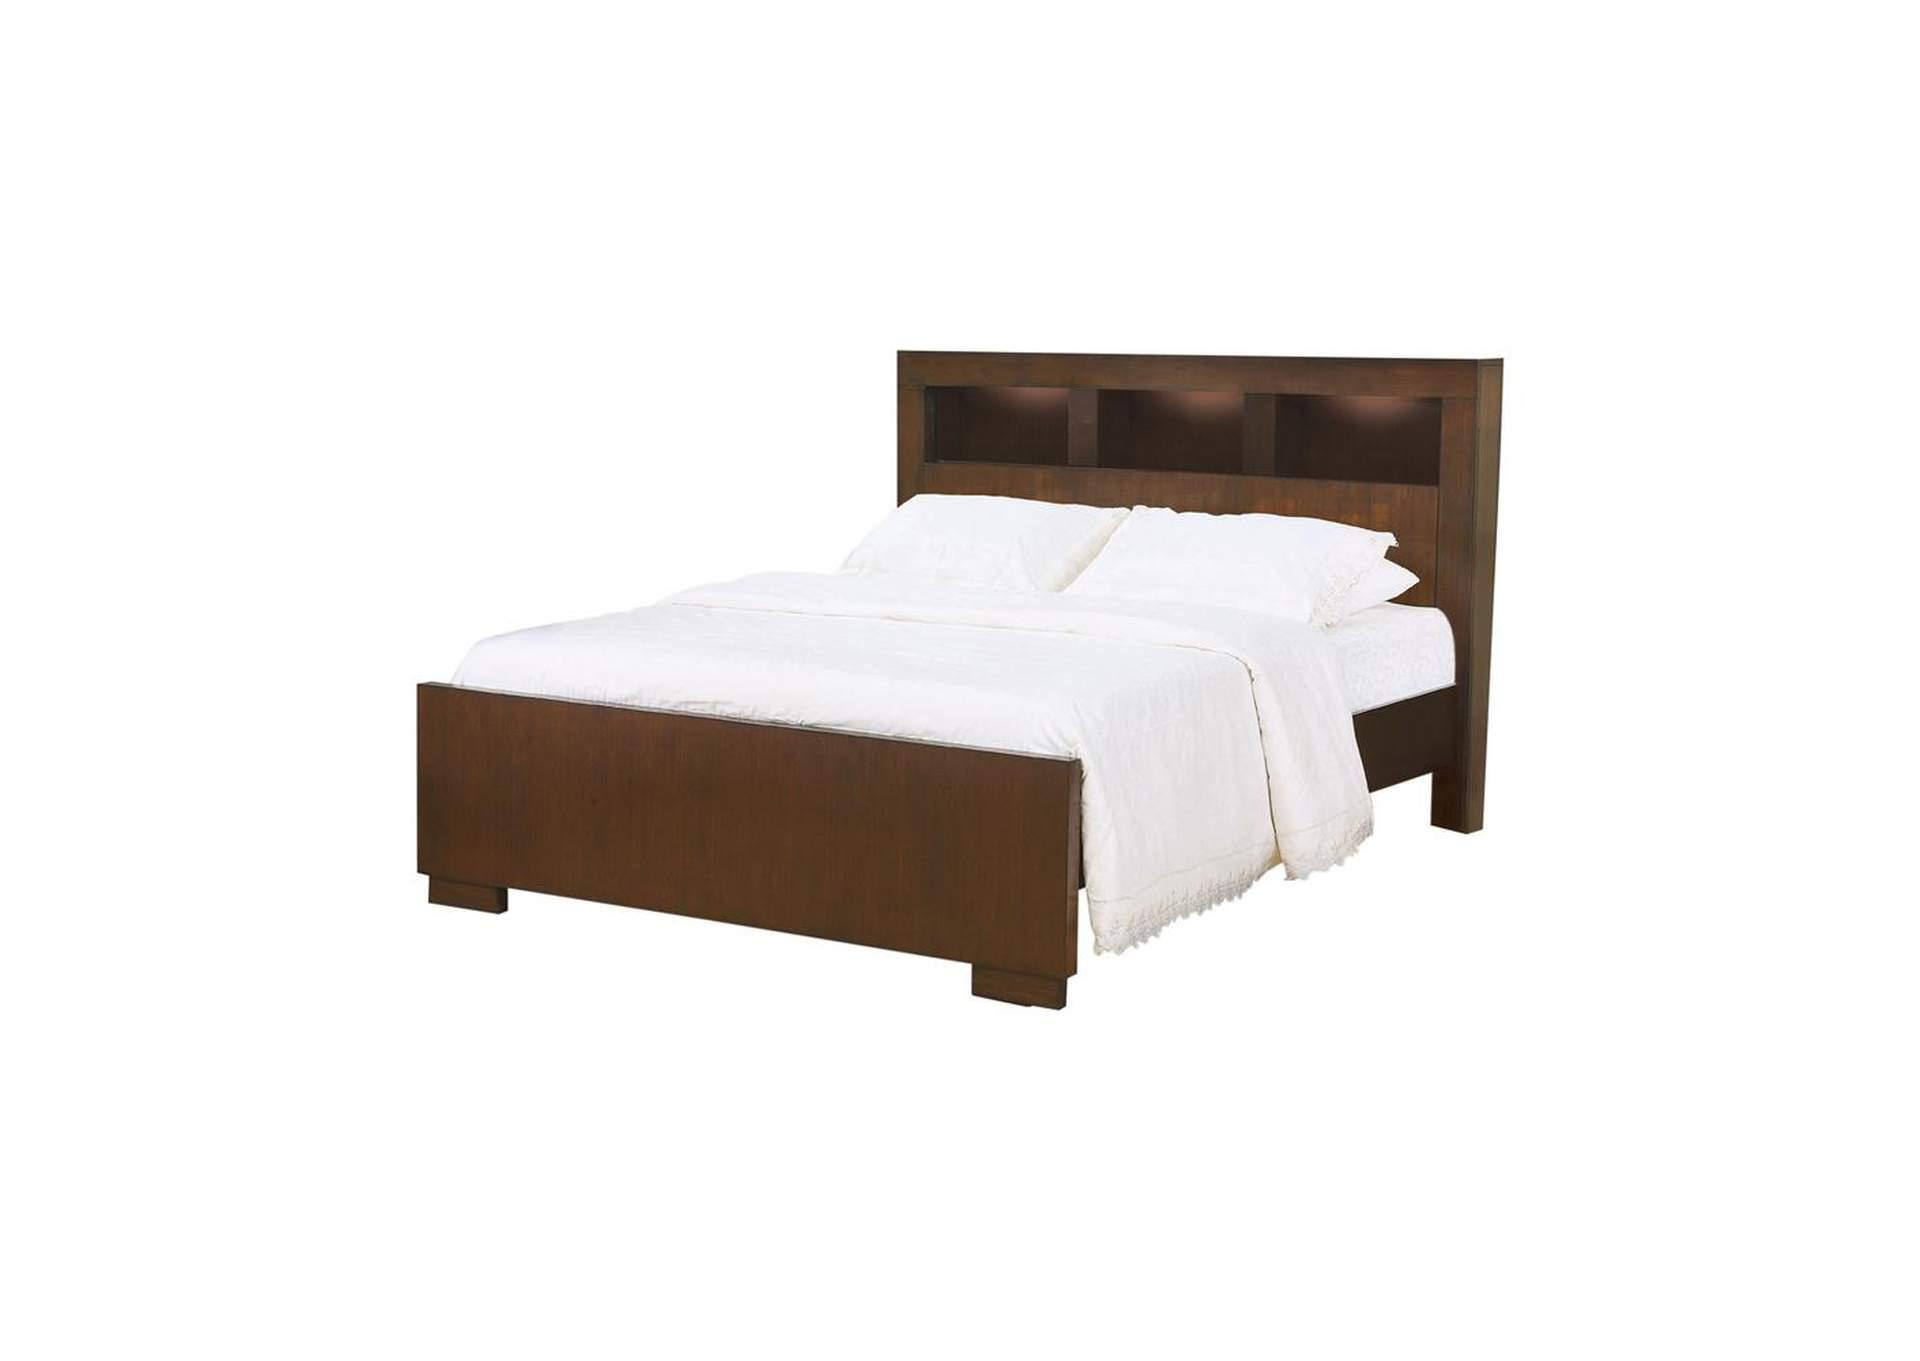 Cultured Pearl Jessica Contemporary California King Bed Dream Decor Furniture